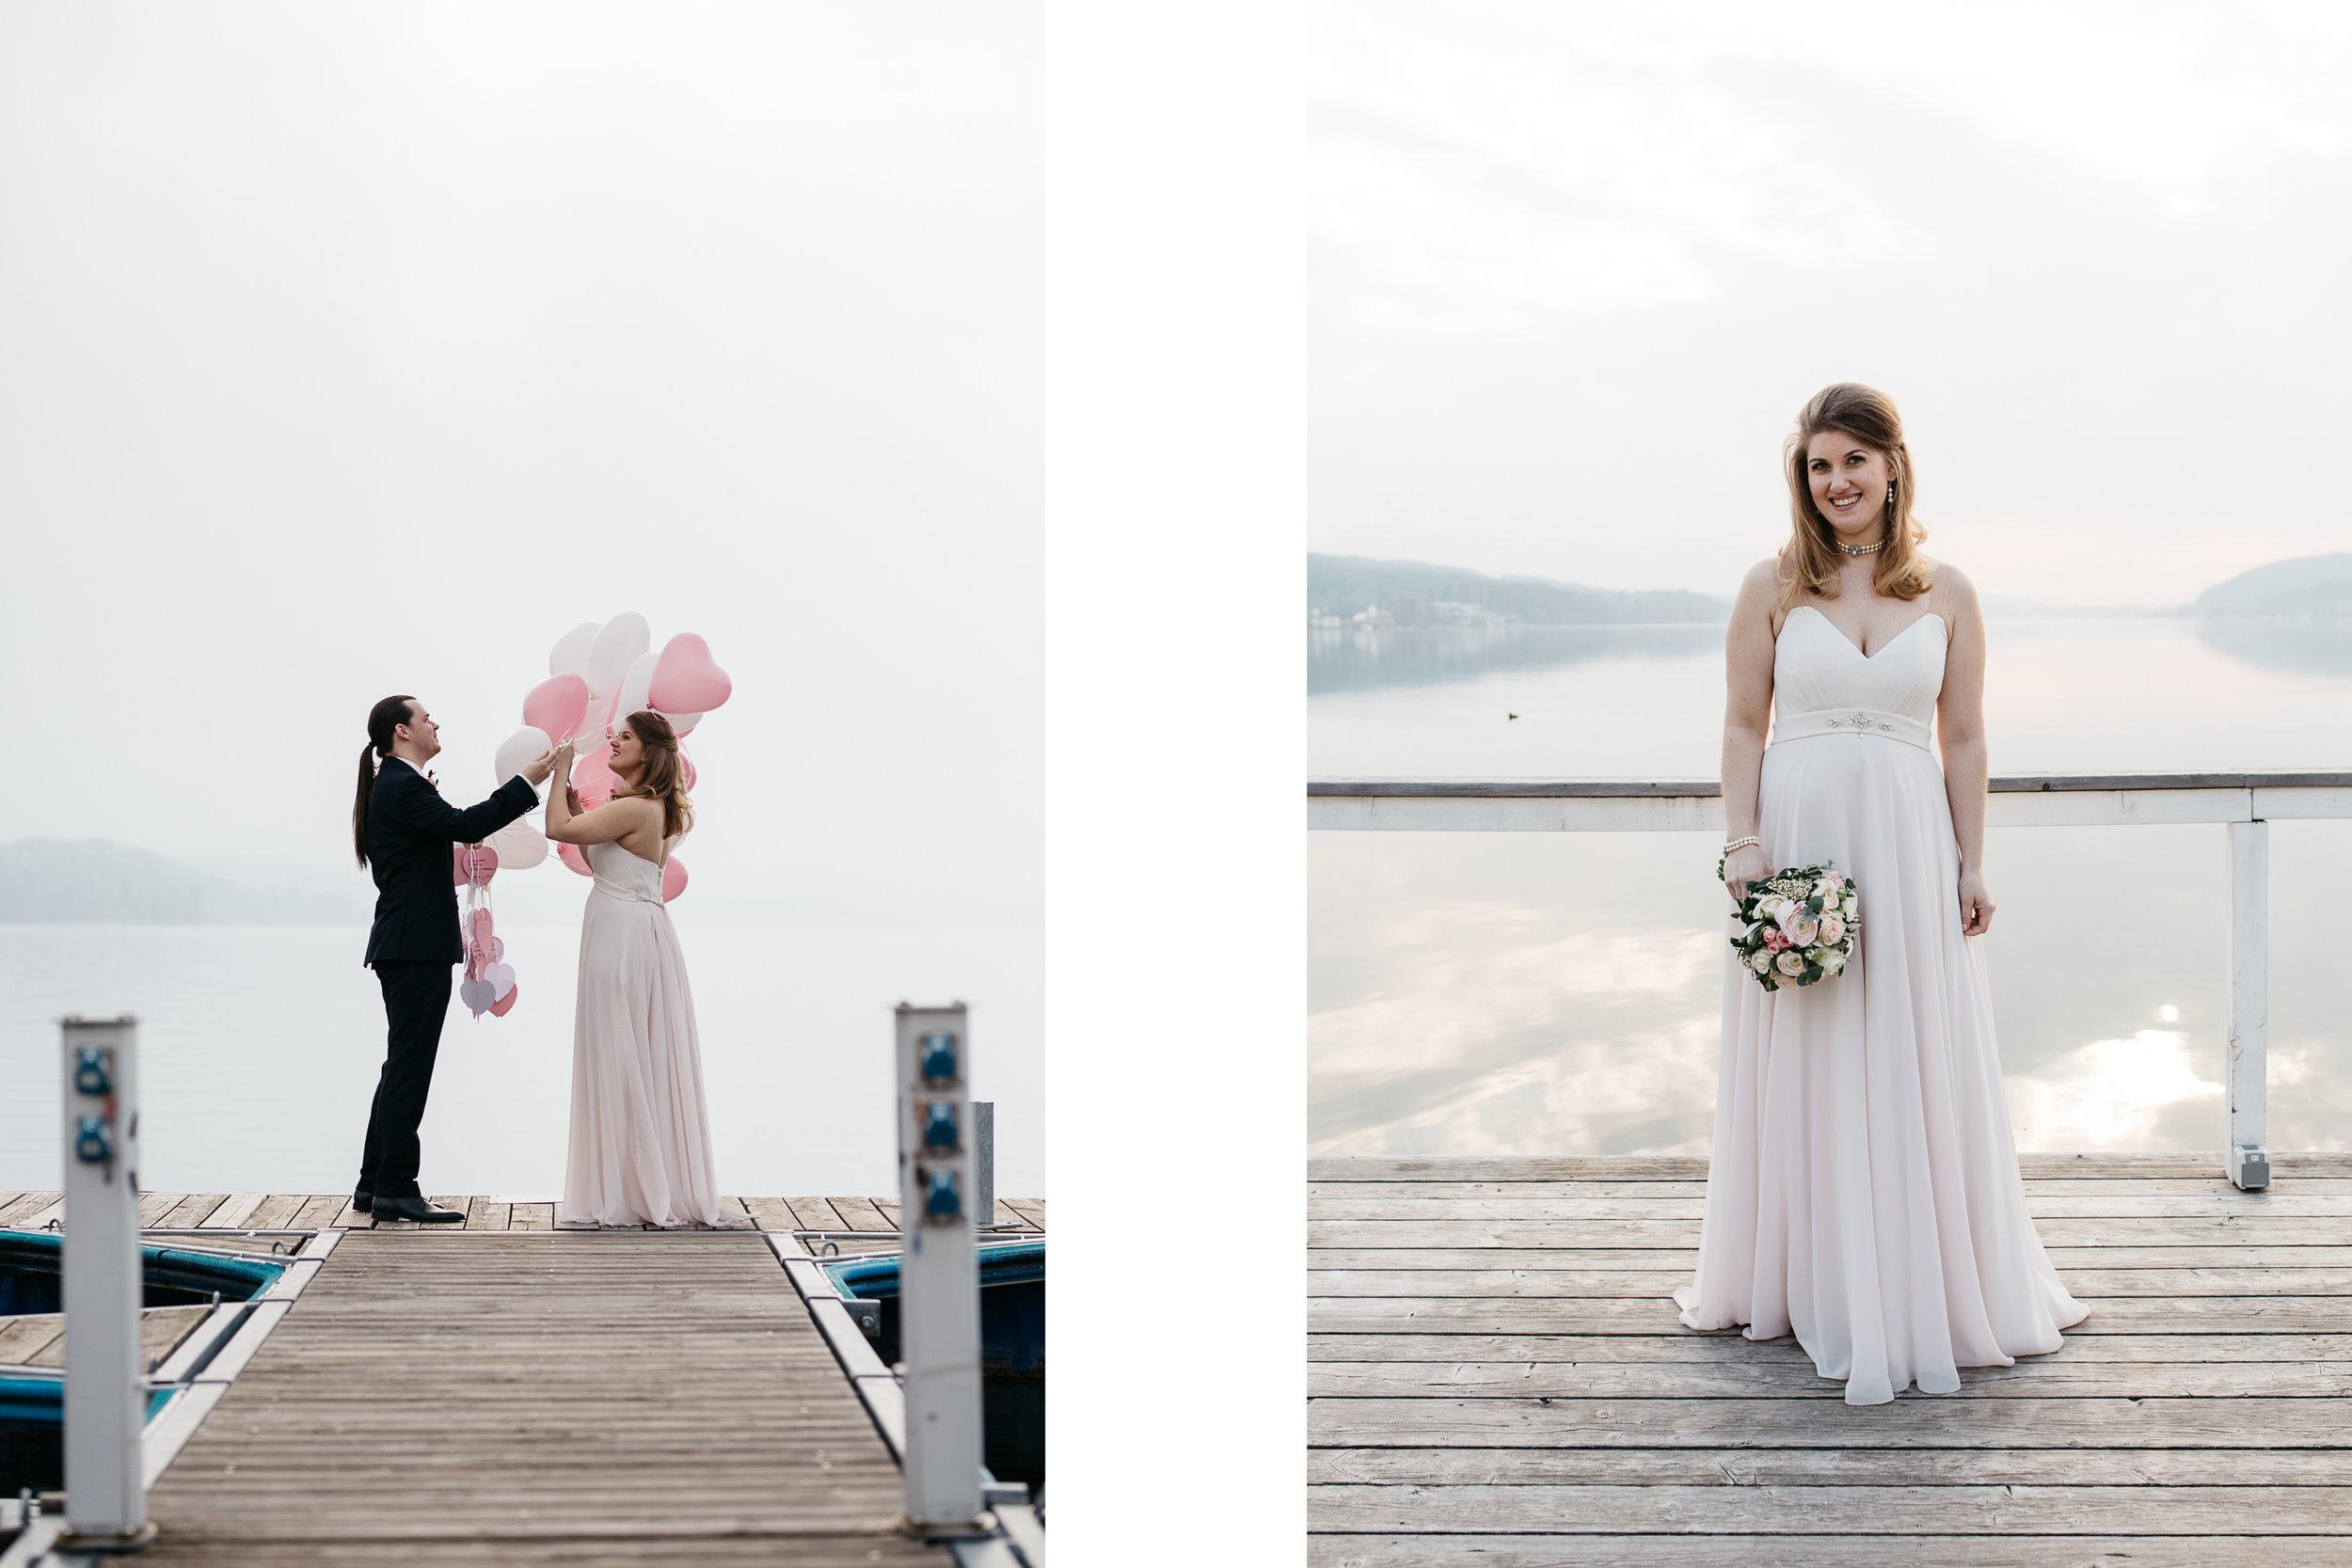 spring_lake_wedding_in_white_rose-12.jpg